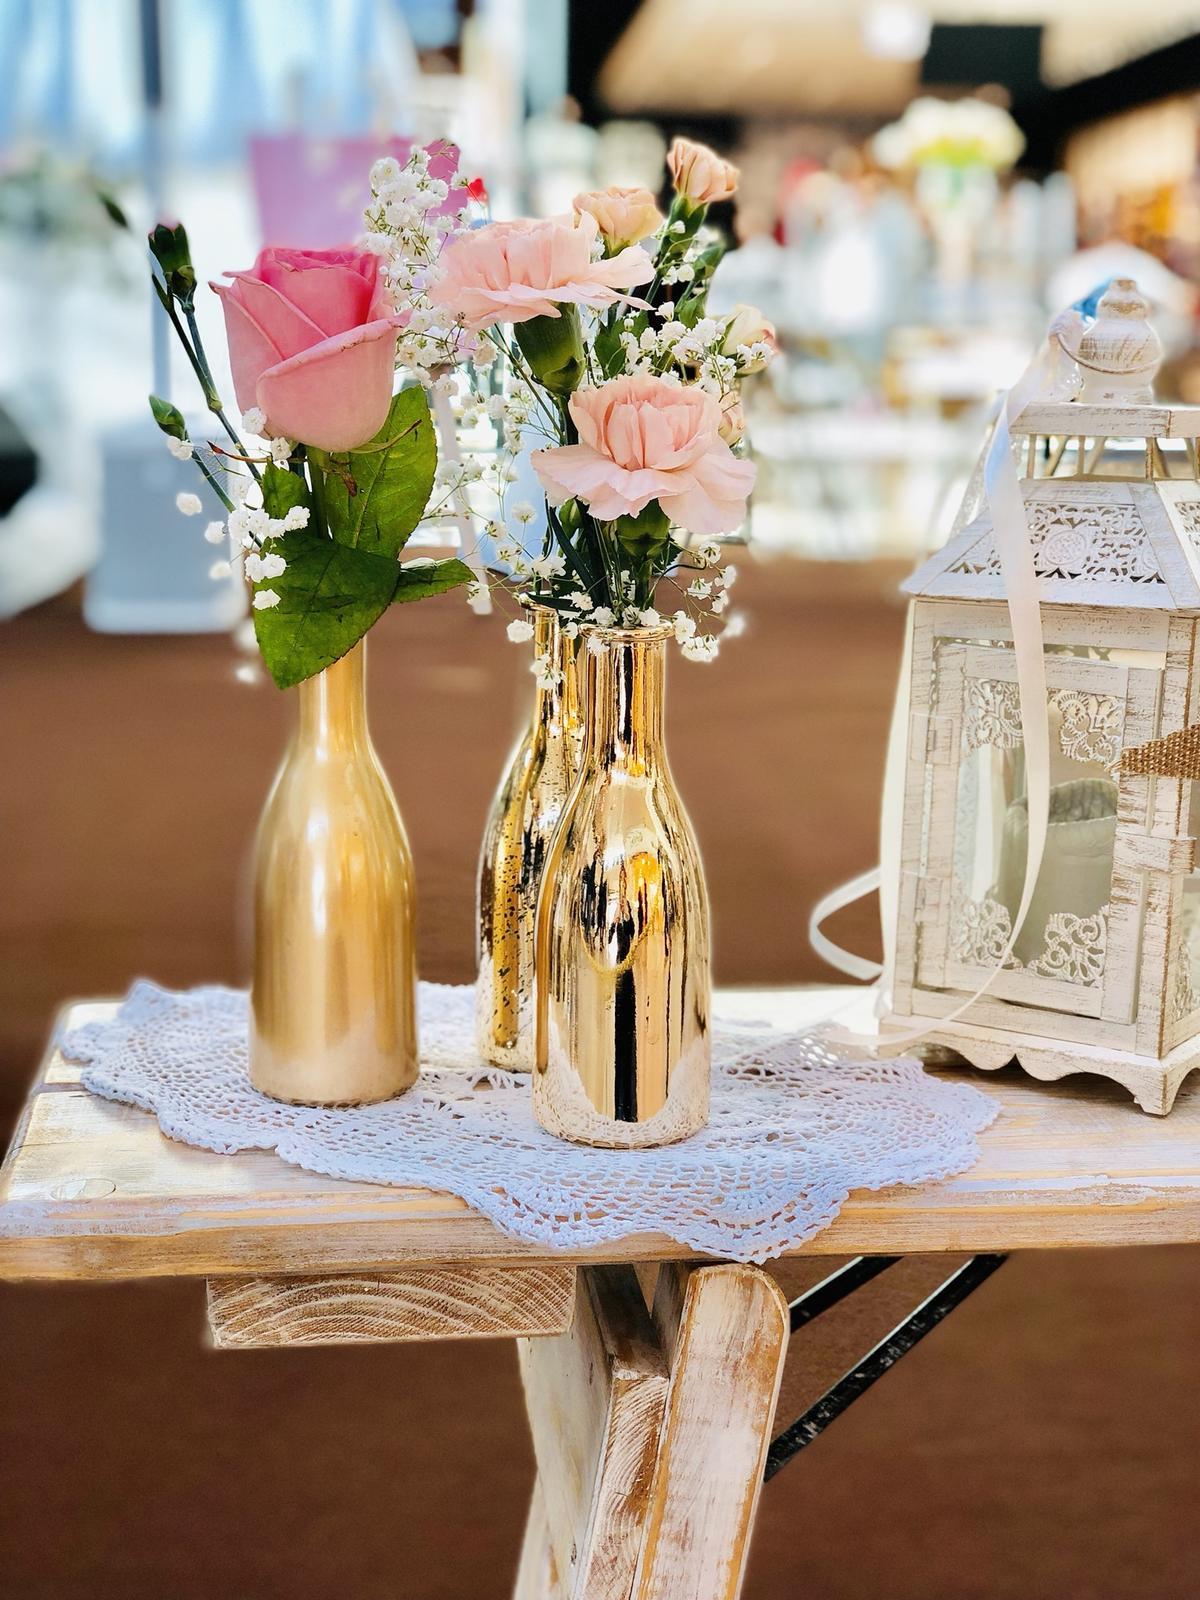 Půjčovna: stolů, lavic, židlí, ubrusů, potahů a dekorací - Obrázek č. 100